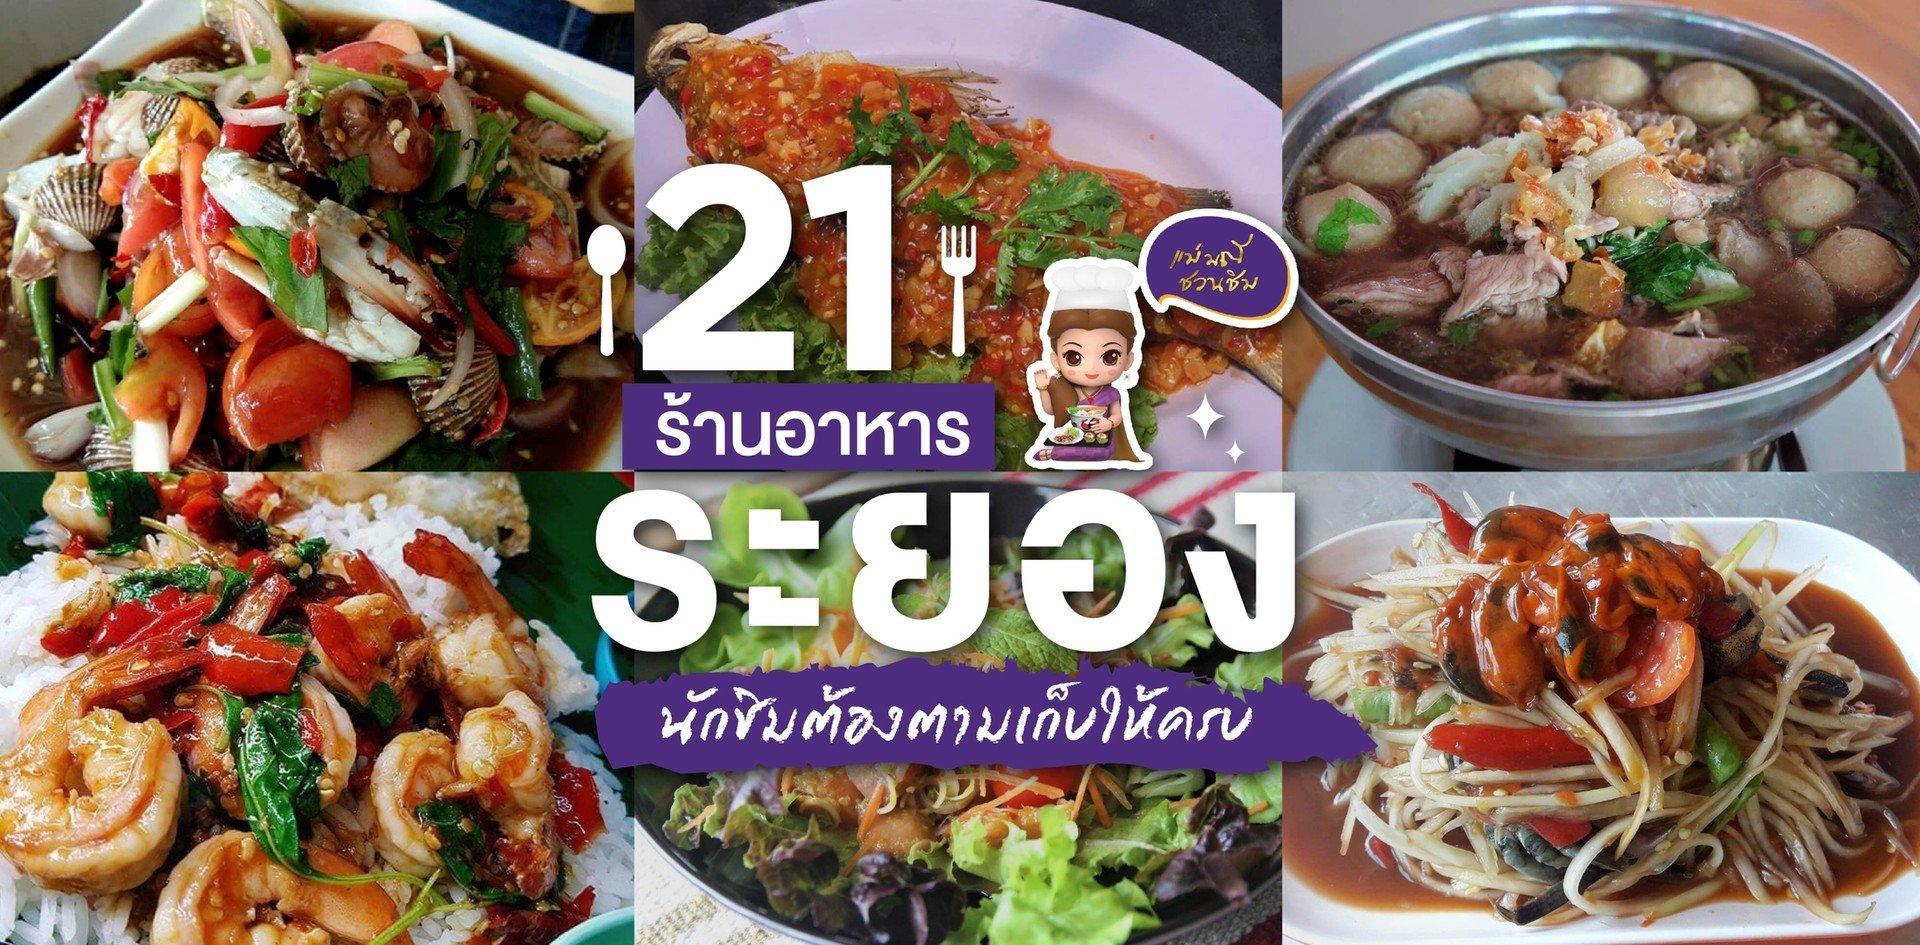 21 ร้านอาหารระยองแนะนำ นักชิมต้องตามเก็บให้ครบ